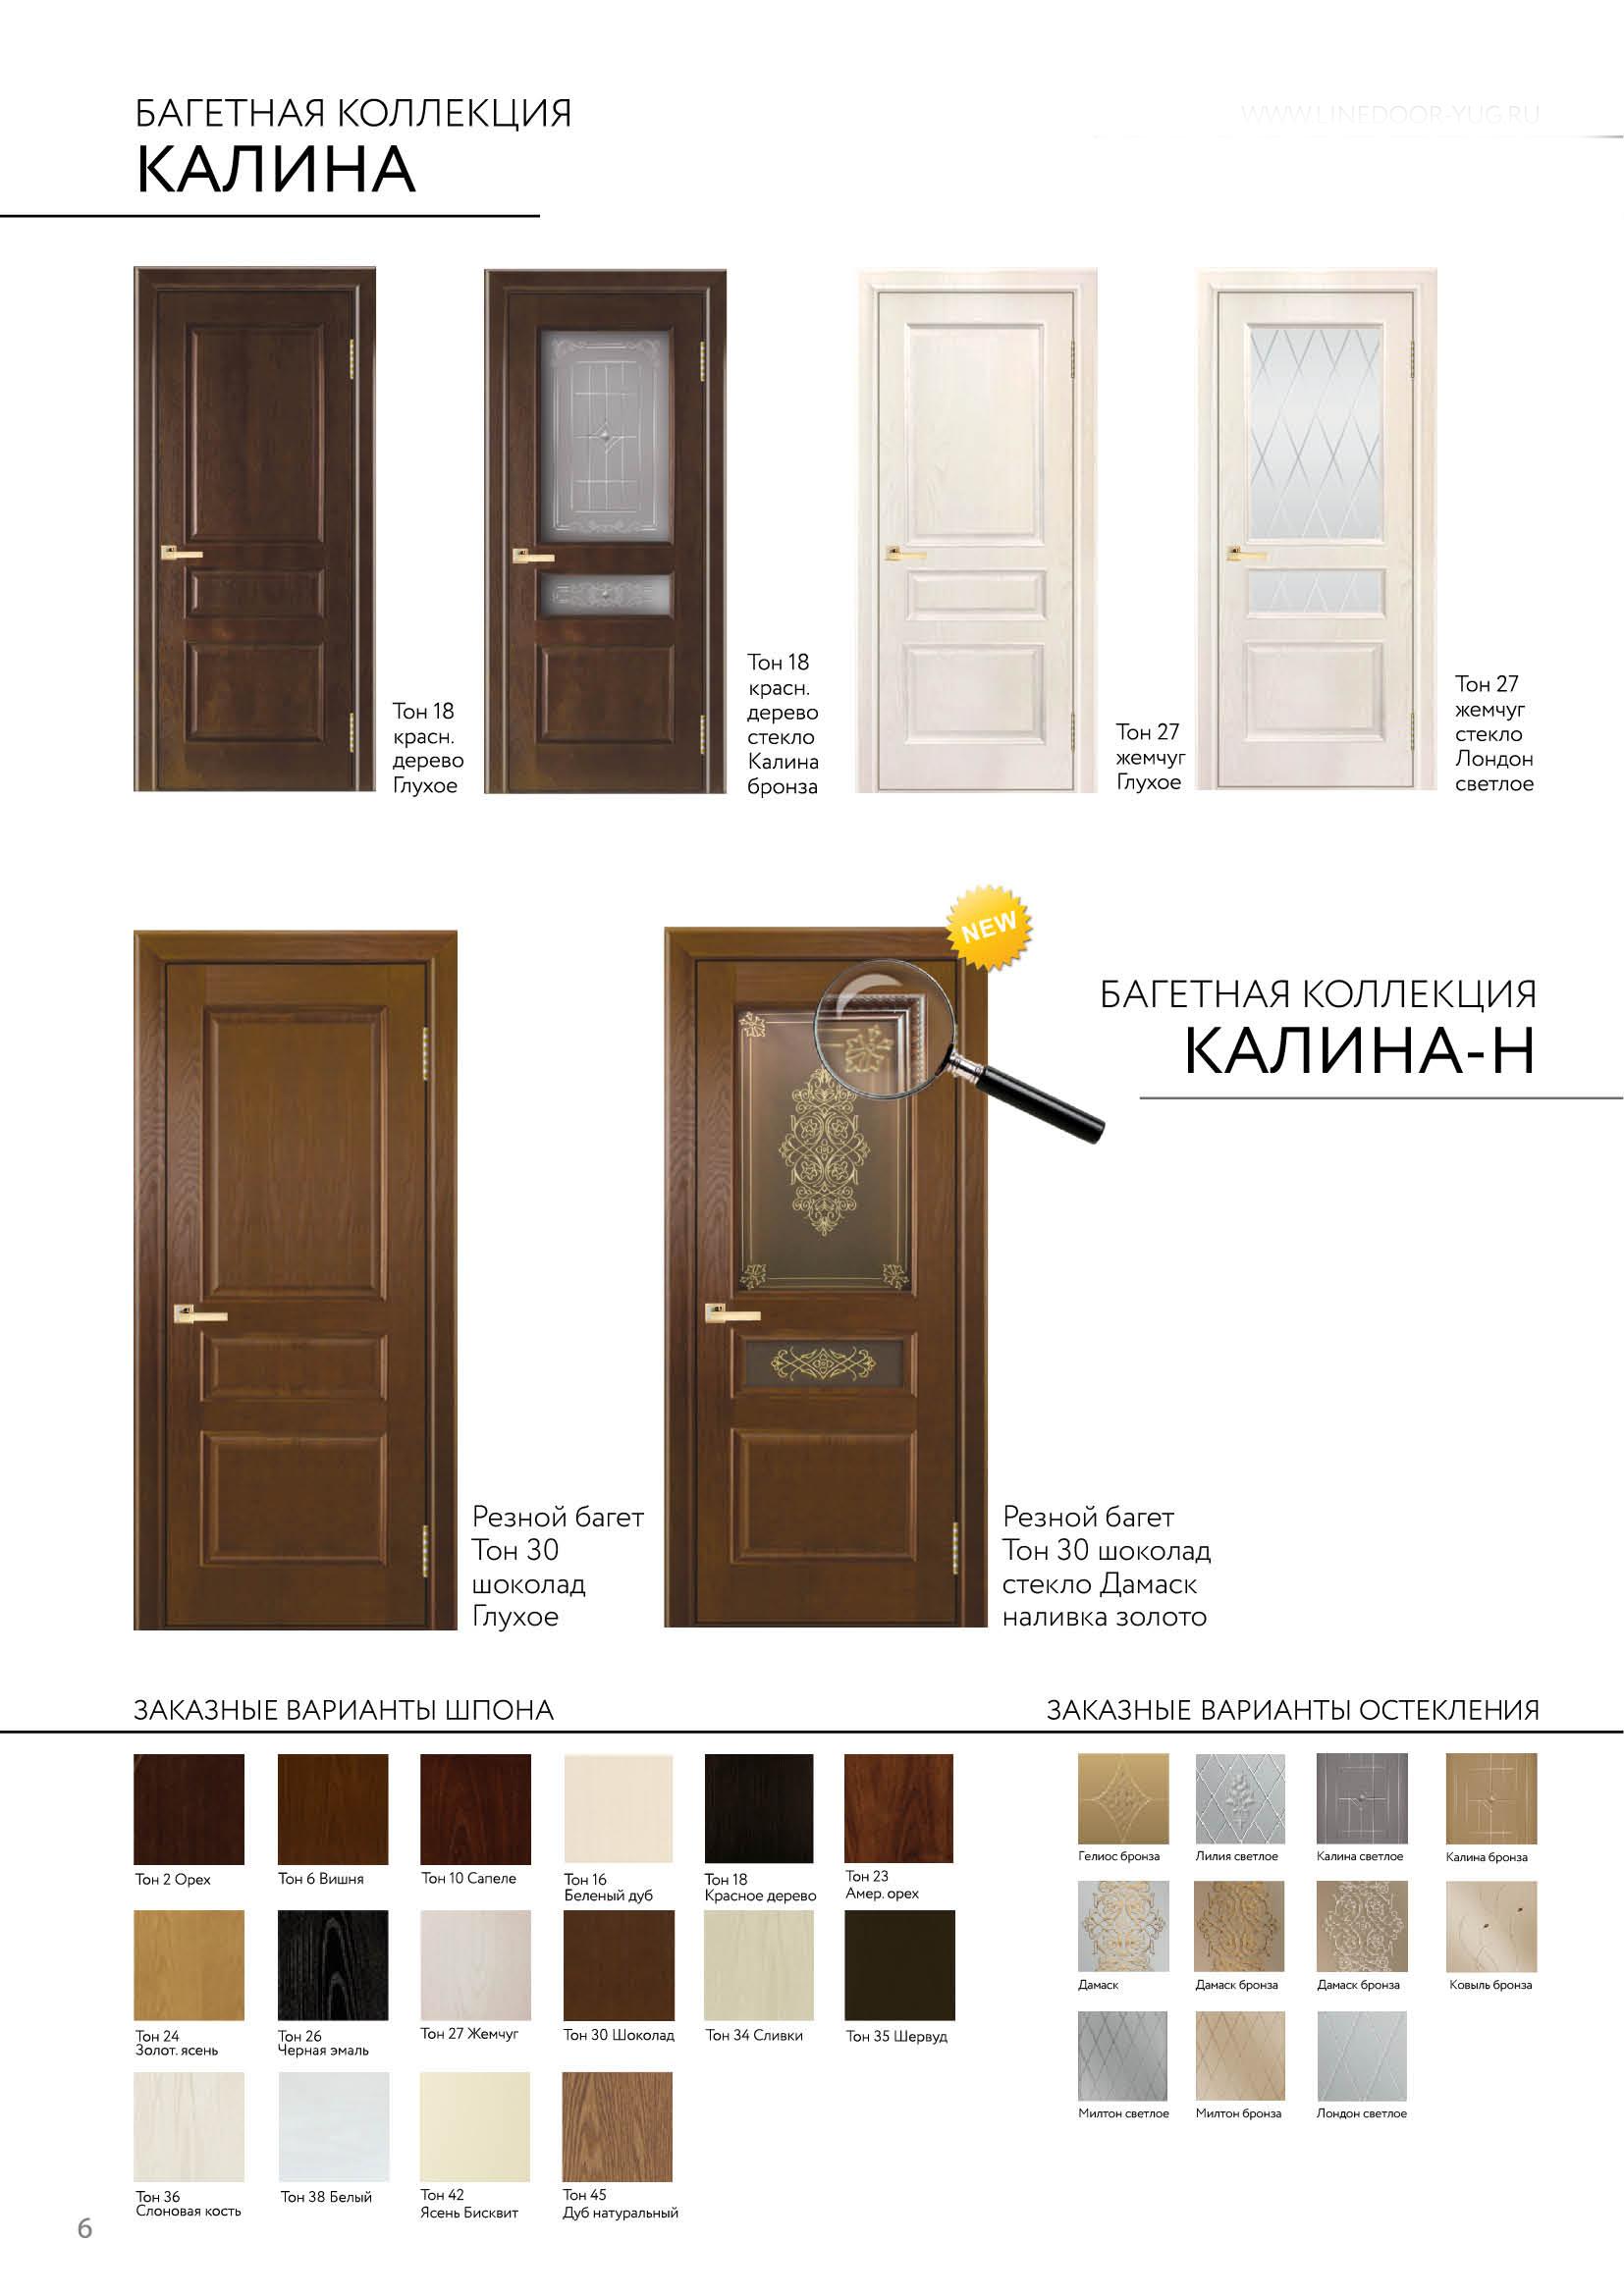 Межкомнатные Ульяновские двери Калина